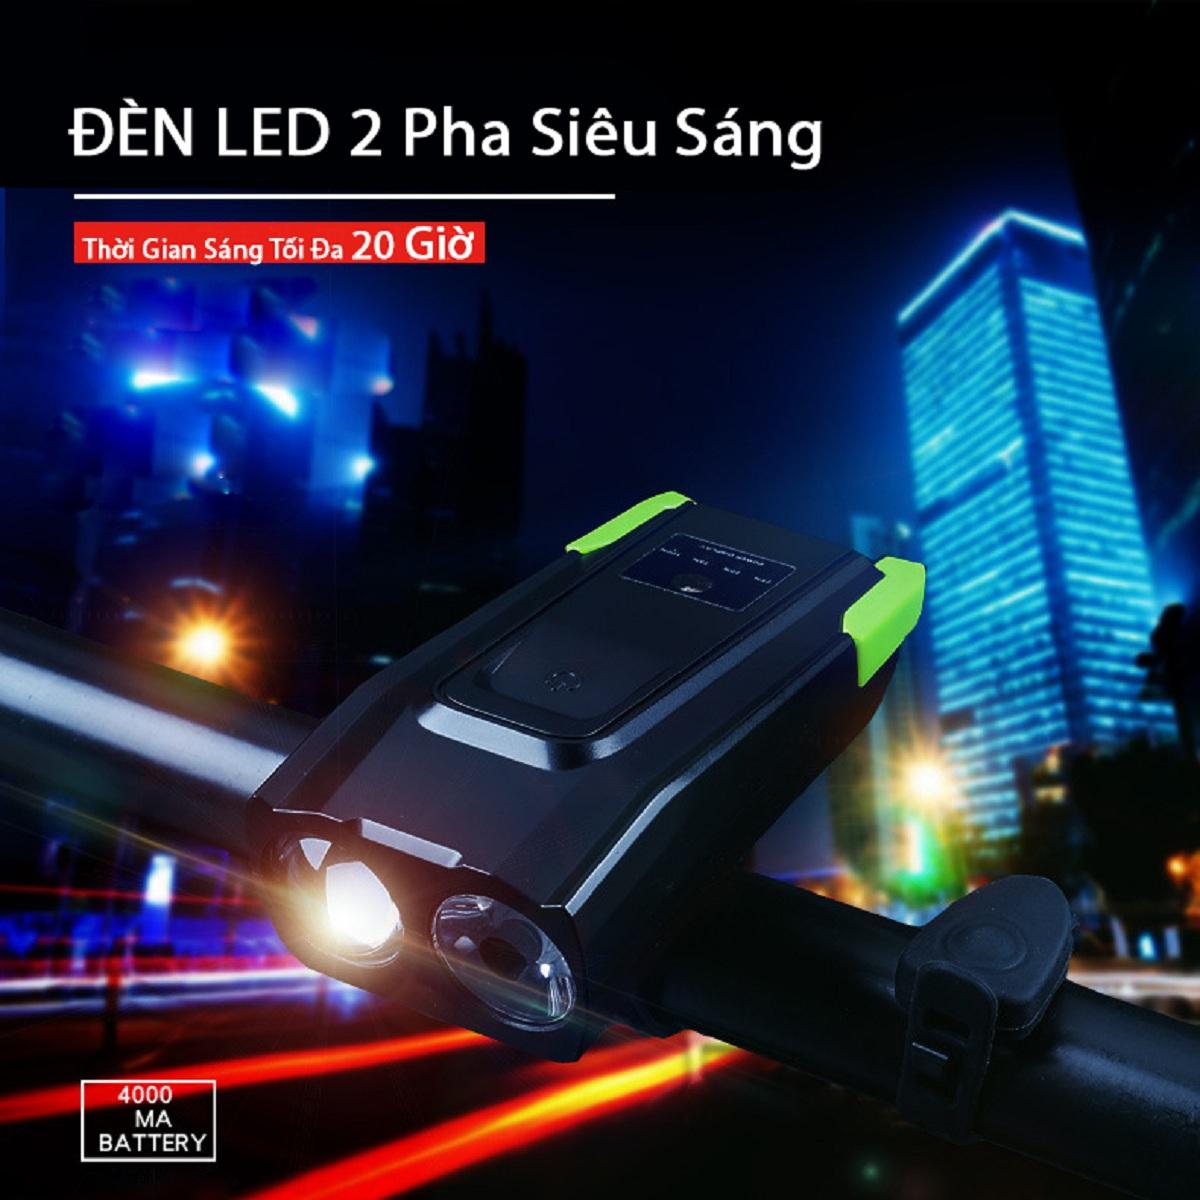 Đèn Pha Xe Đạp Kết Hợp Còi CRON-X JEANS | Đèn 2 LED Cree T6 Siêu Sáng 800 Lumens, Thiết Kế Chống Nước | Còi Kêu Vang 140 dB | Pin Sạc USB Tiện Lợi Dung Lượng 4000 mah | Chế Độ Đèn Tự Điều Chỉnh Ảnh Sáng Thông Minh | Thời Gian Sáng Tối Đa 20 Giờ